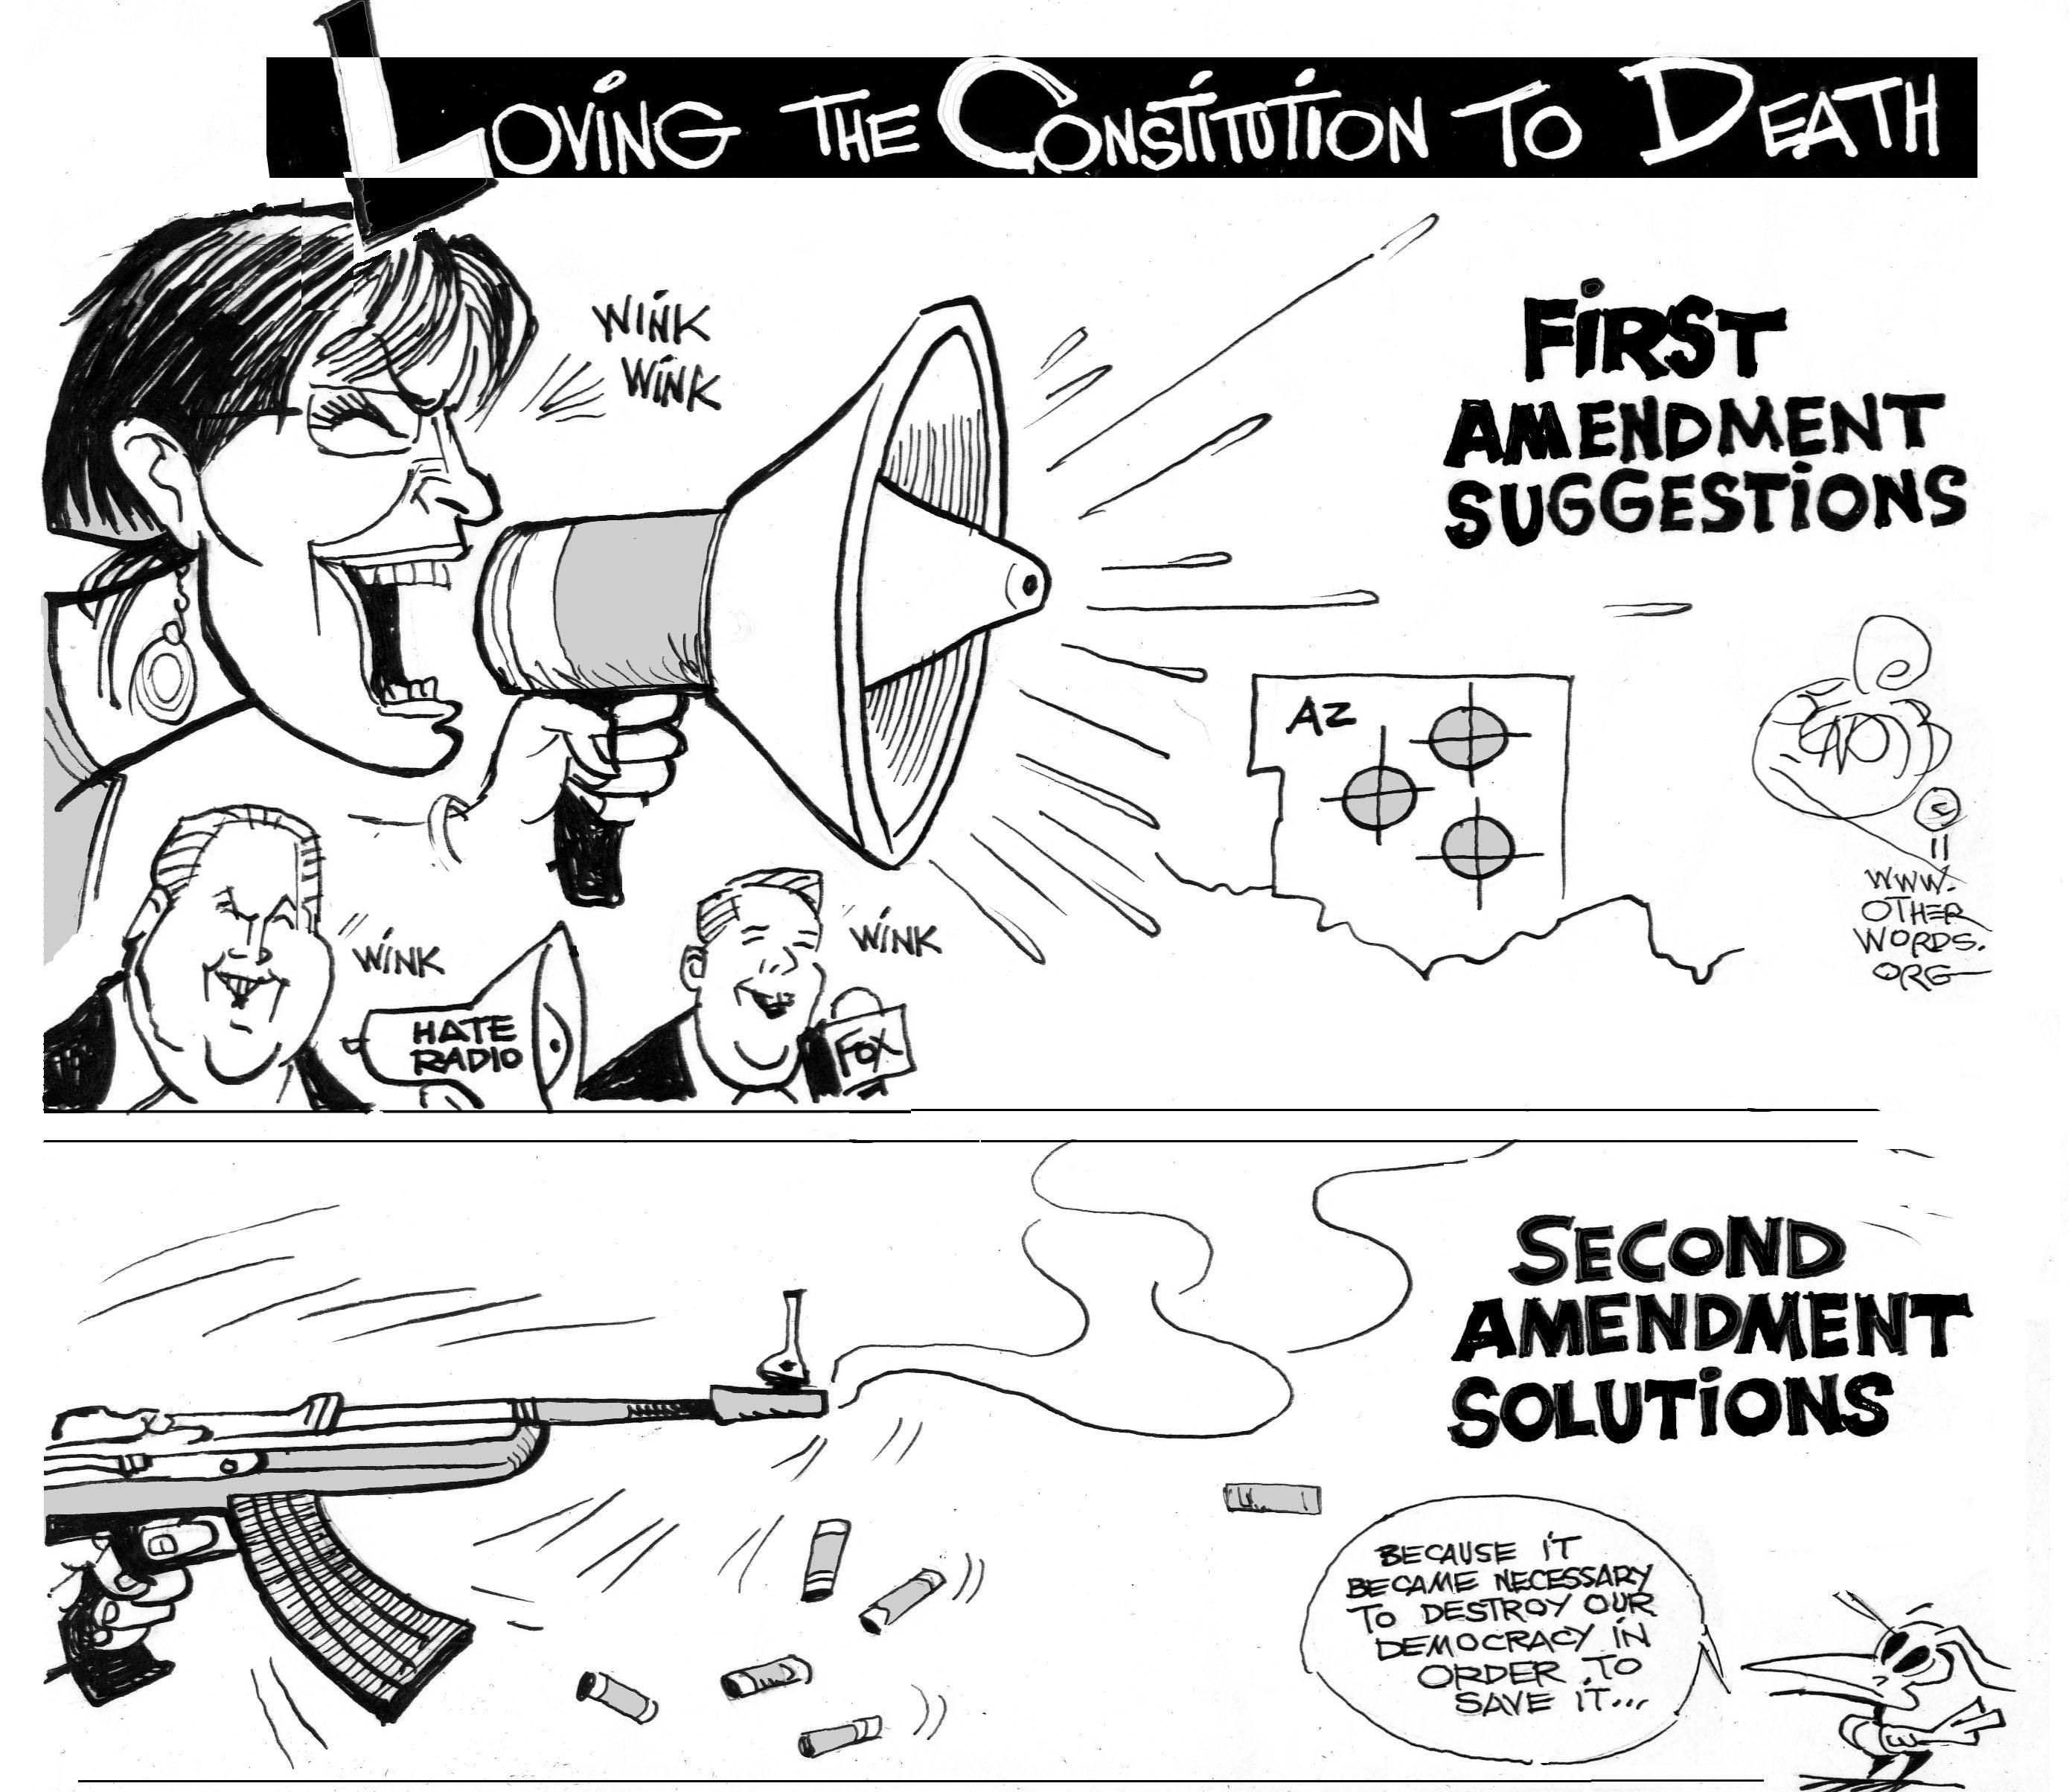 Second Amendment Solutions